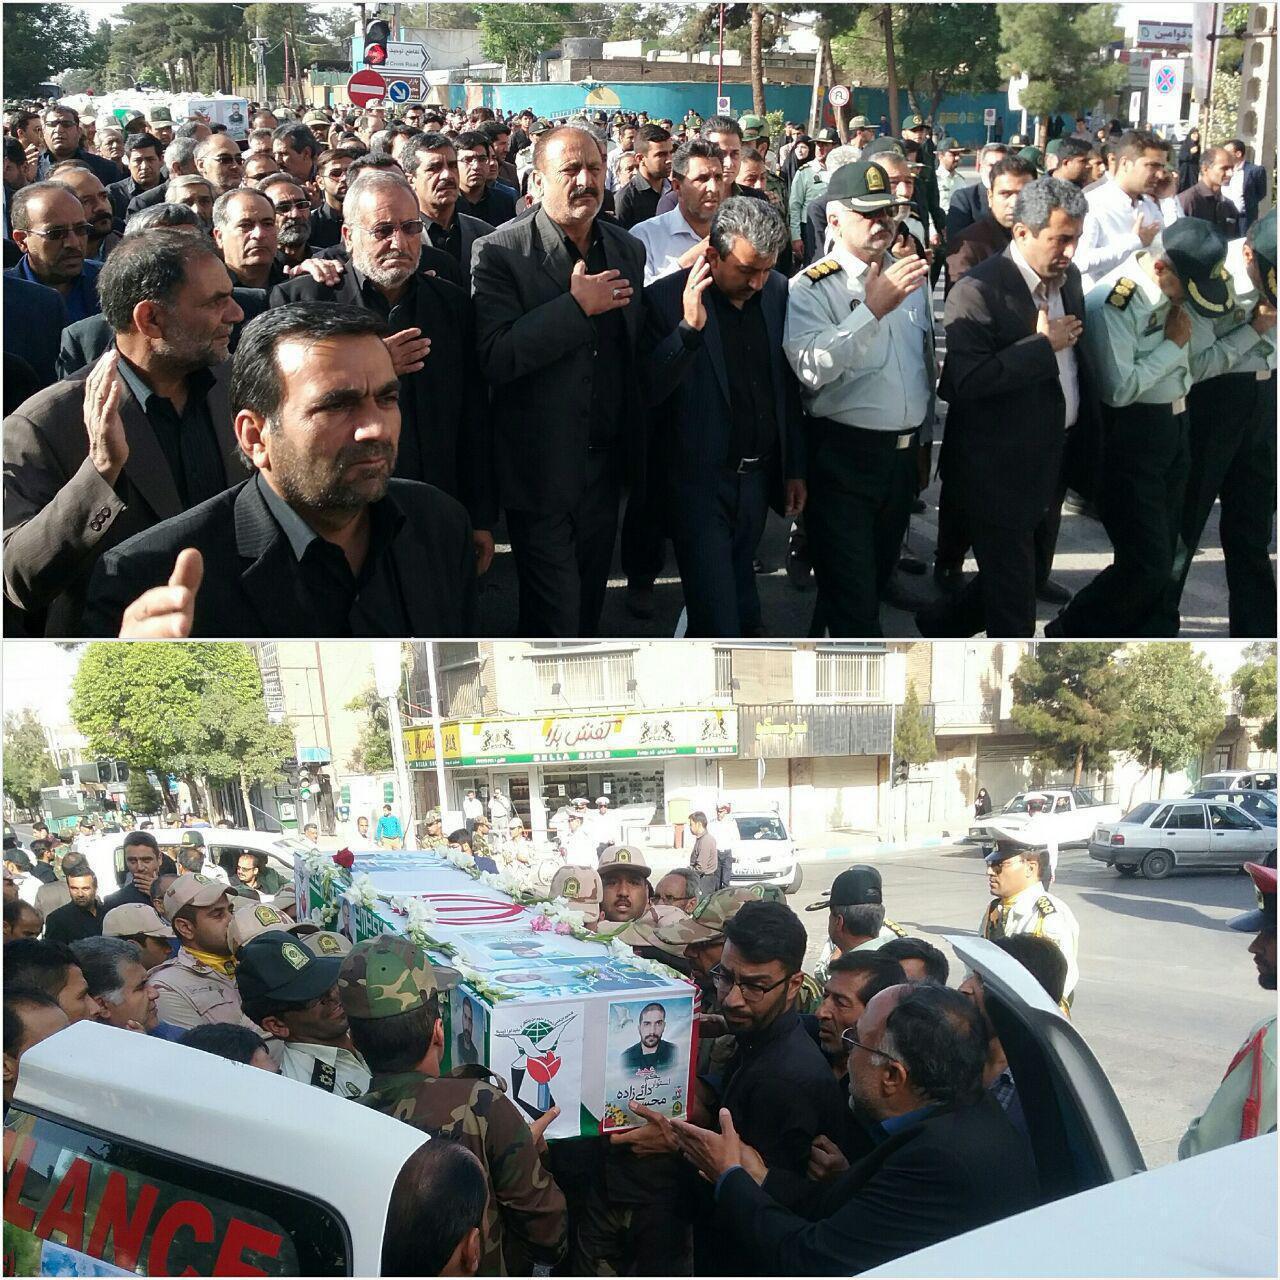 پیکر شهید امنیت « محسن دائی زاده » بر دوش مردم شهیدپرور کرمان تشییع شد